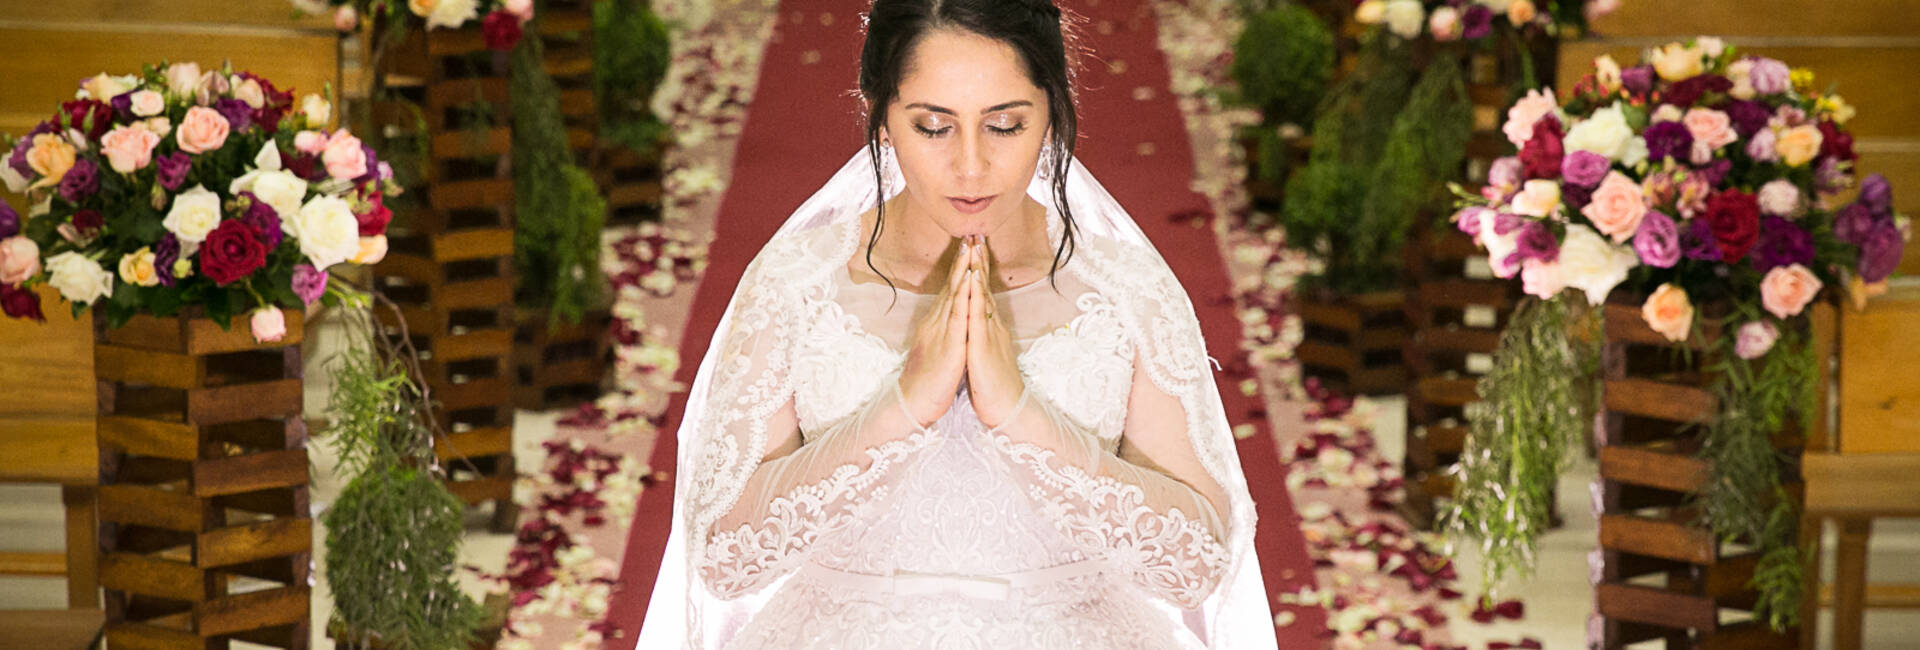 Casamento por: Fernanda C. de Jaine e Guilherme